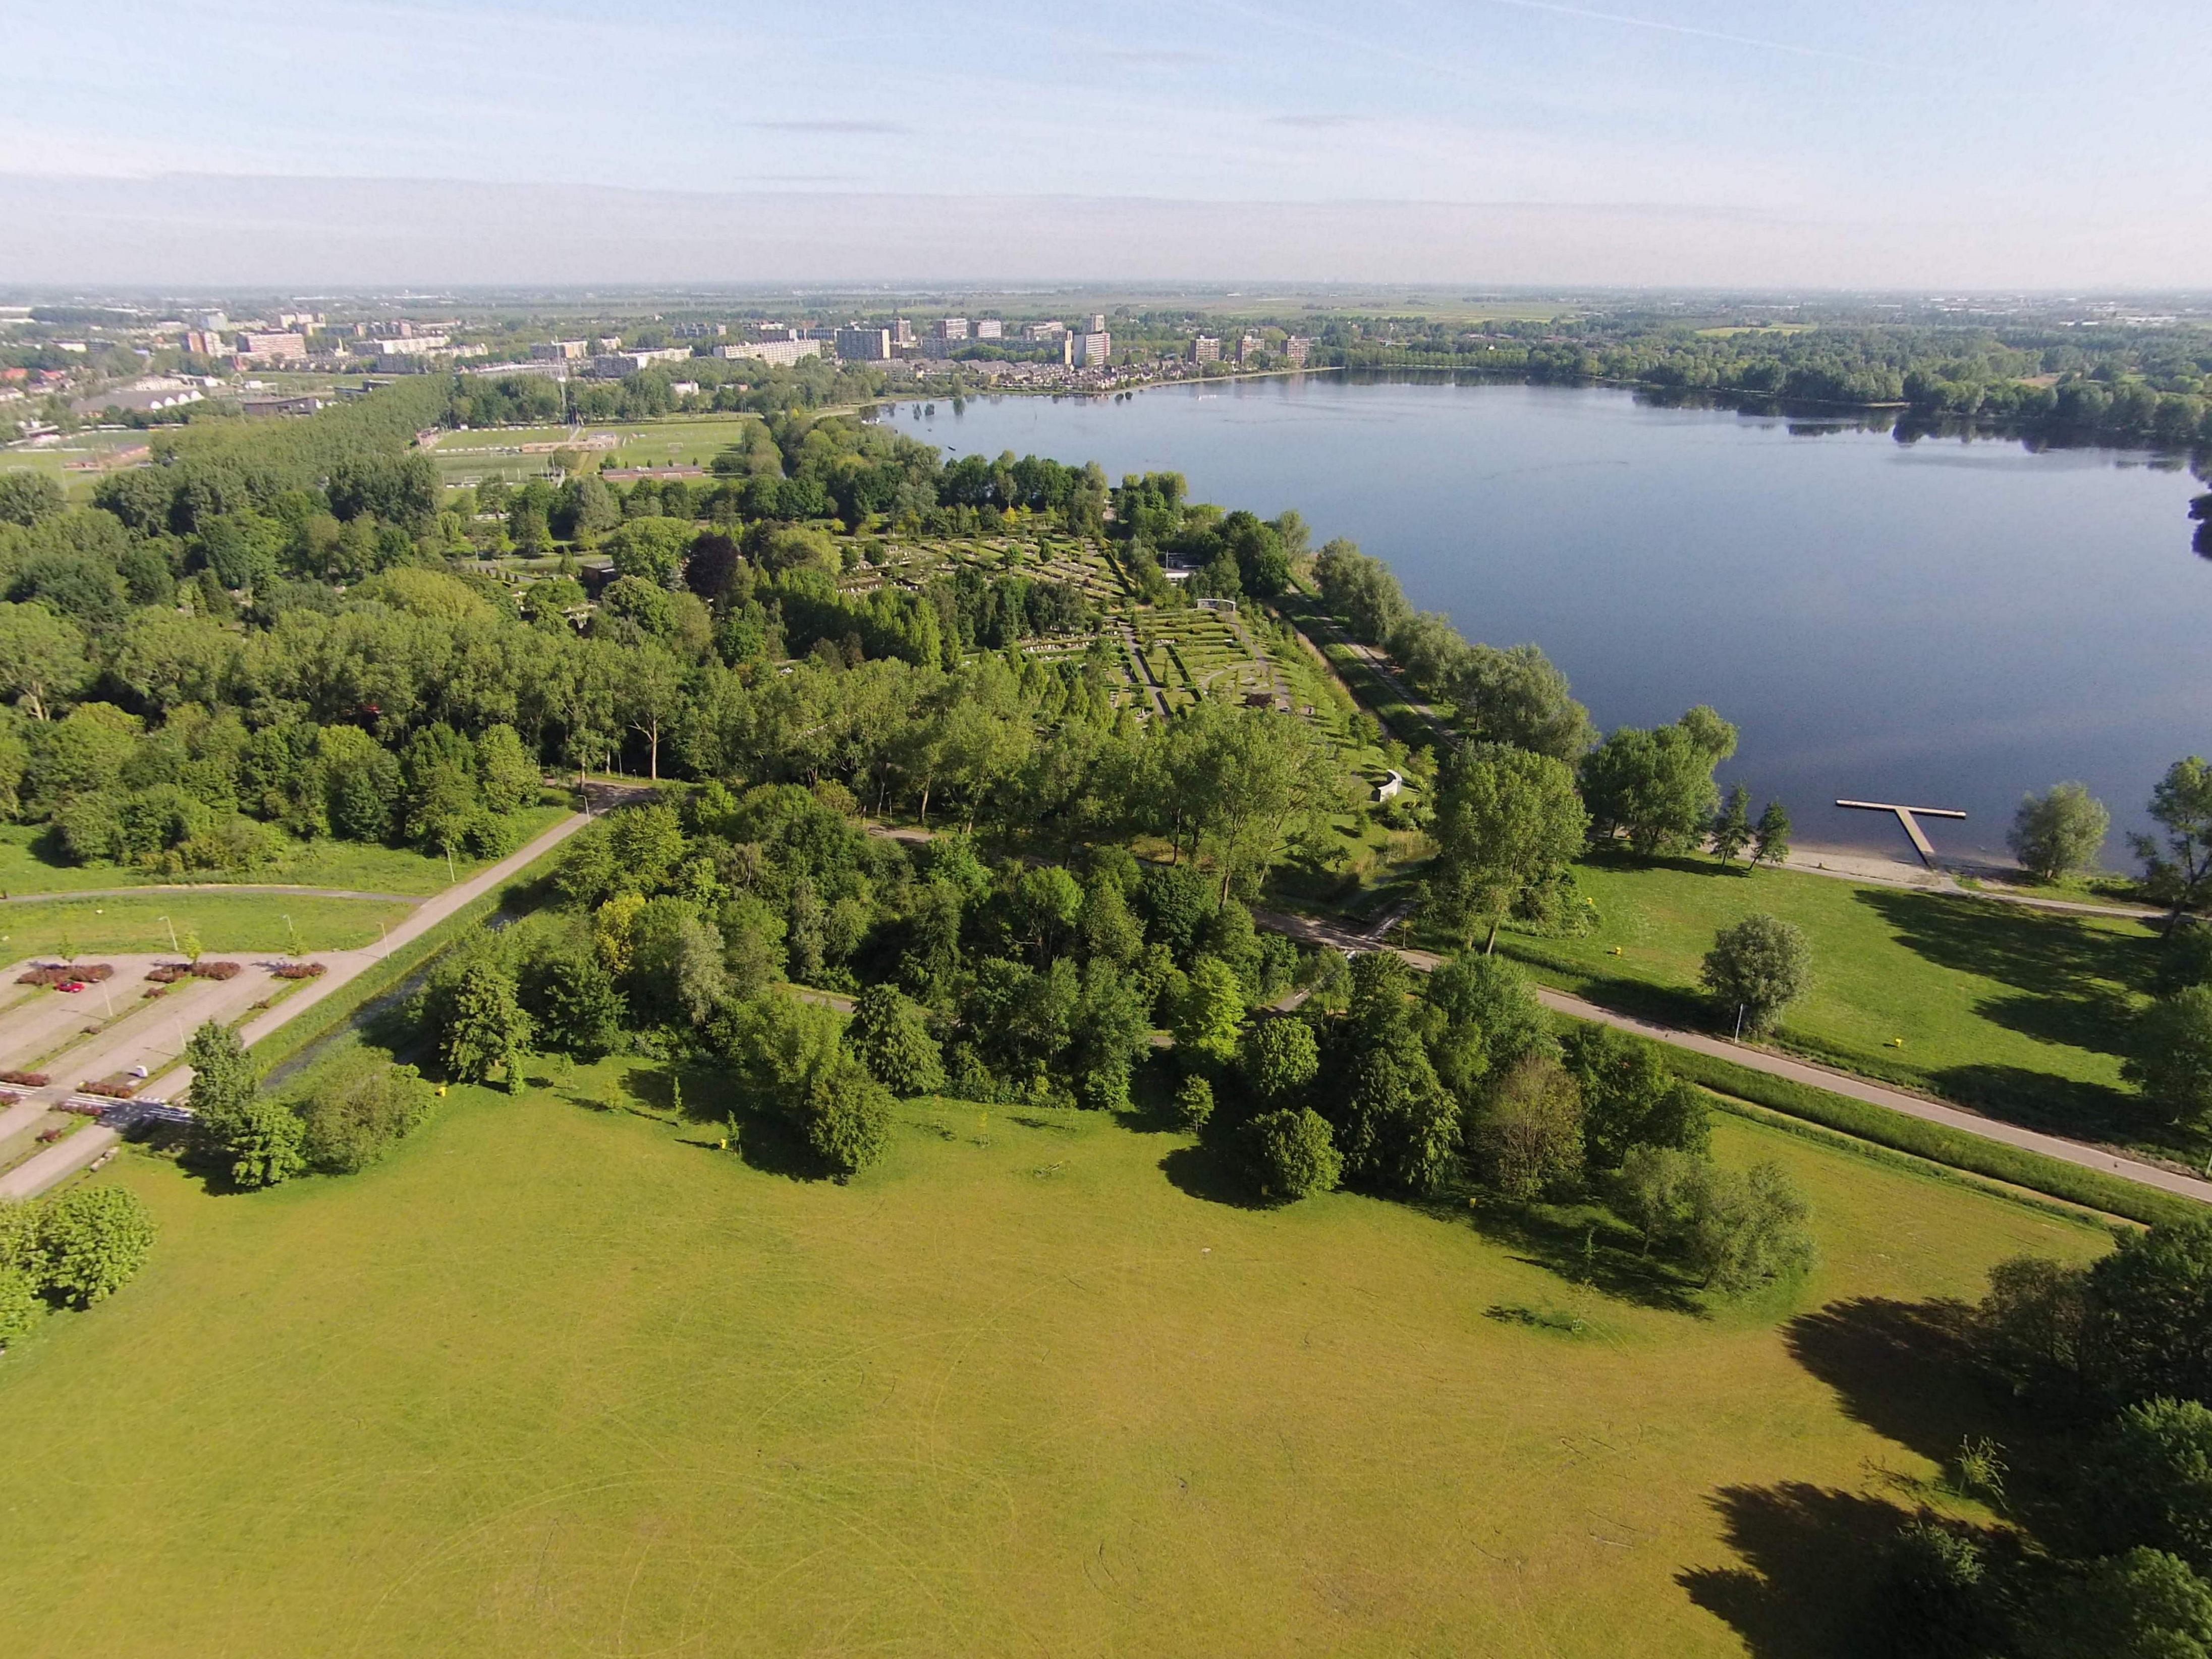 Uitzicht op de begraaf plaats luchtfotos - Uitzicht op de tuinman ...